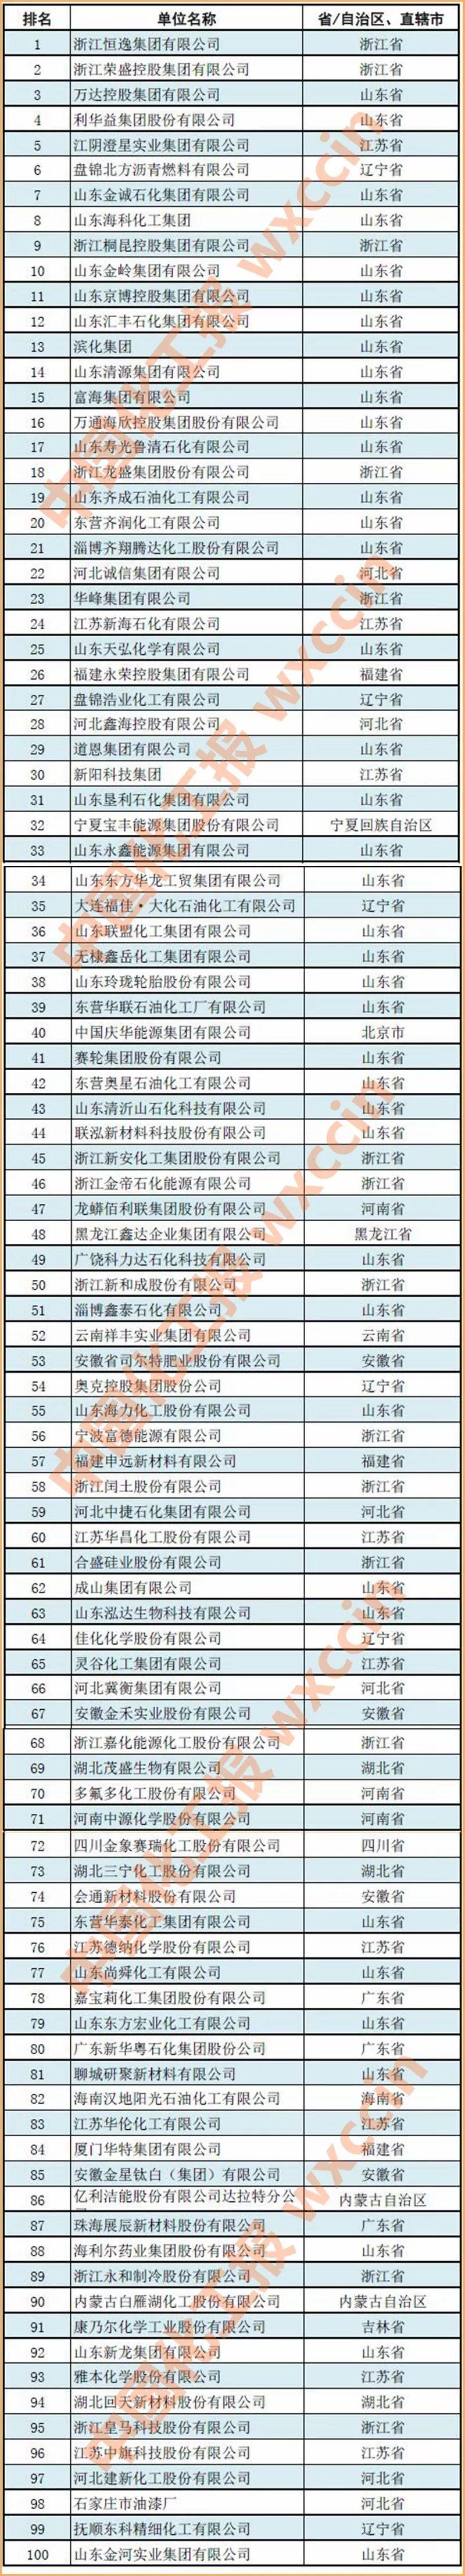 无棣鑫岳上榜2019中国石油和化工民营企业百强!